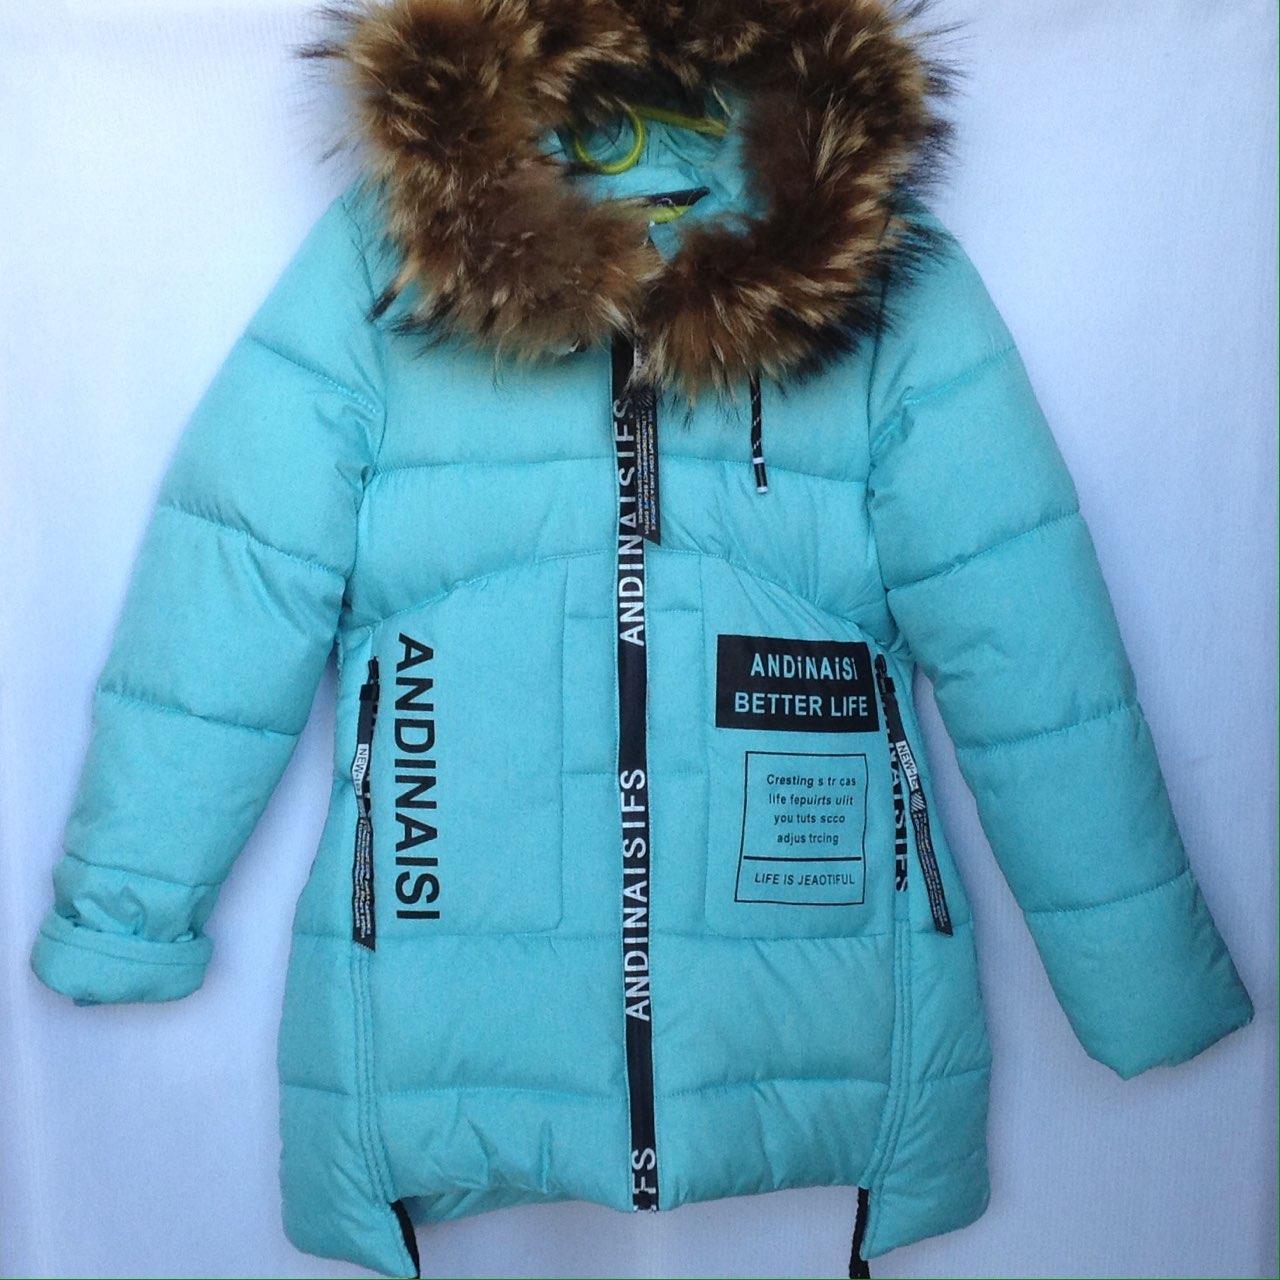 Куртка подростковая зимняя Better LIFE #8726 для девочек. 140-164 см (10-14 лет). Голубая. Оптом.